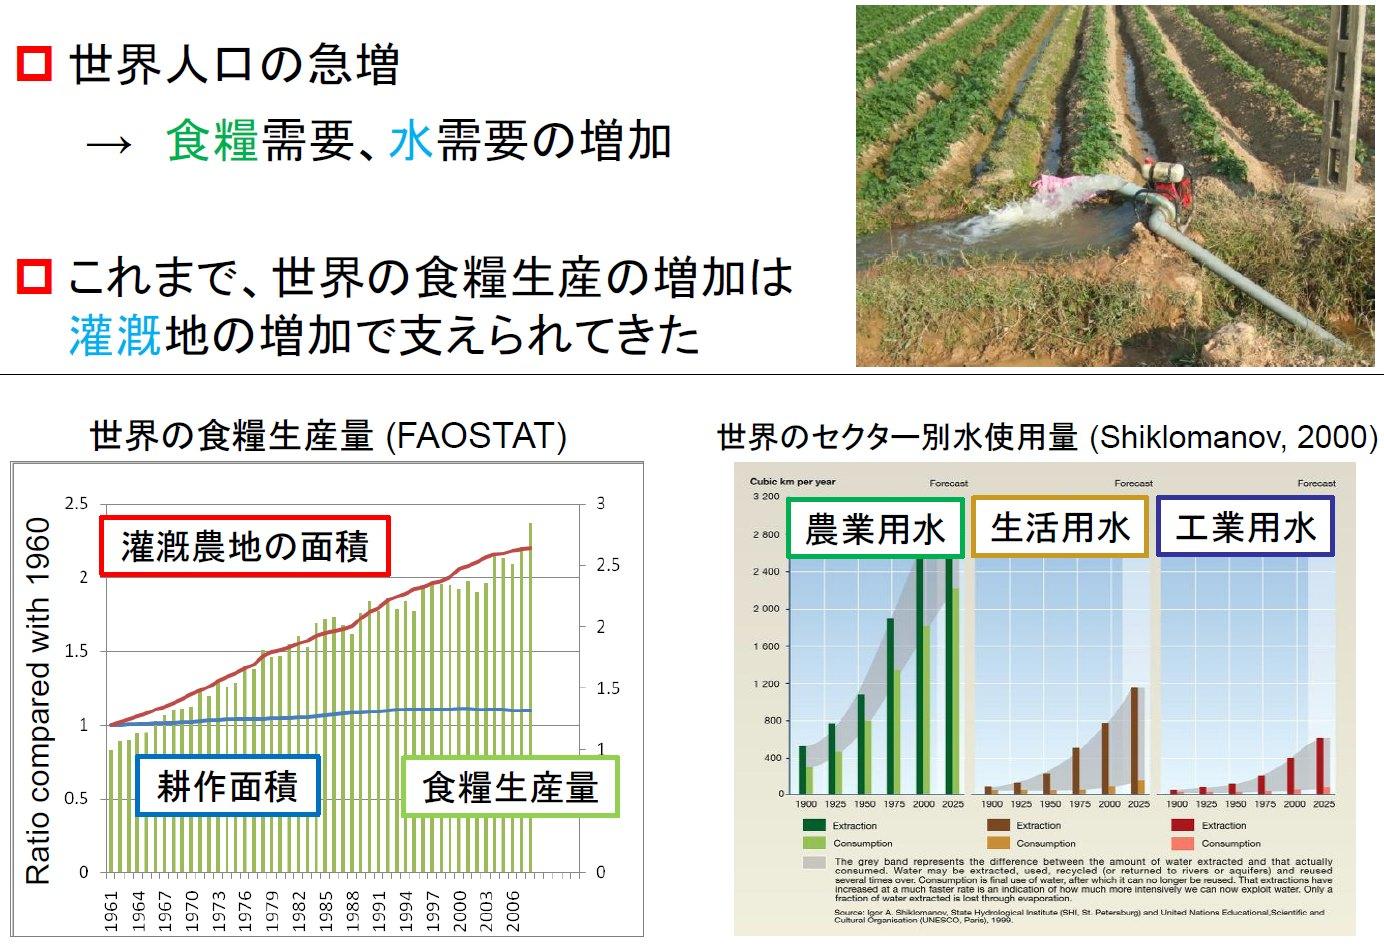 世界の水資源問題(食料の安全保障)